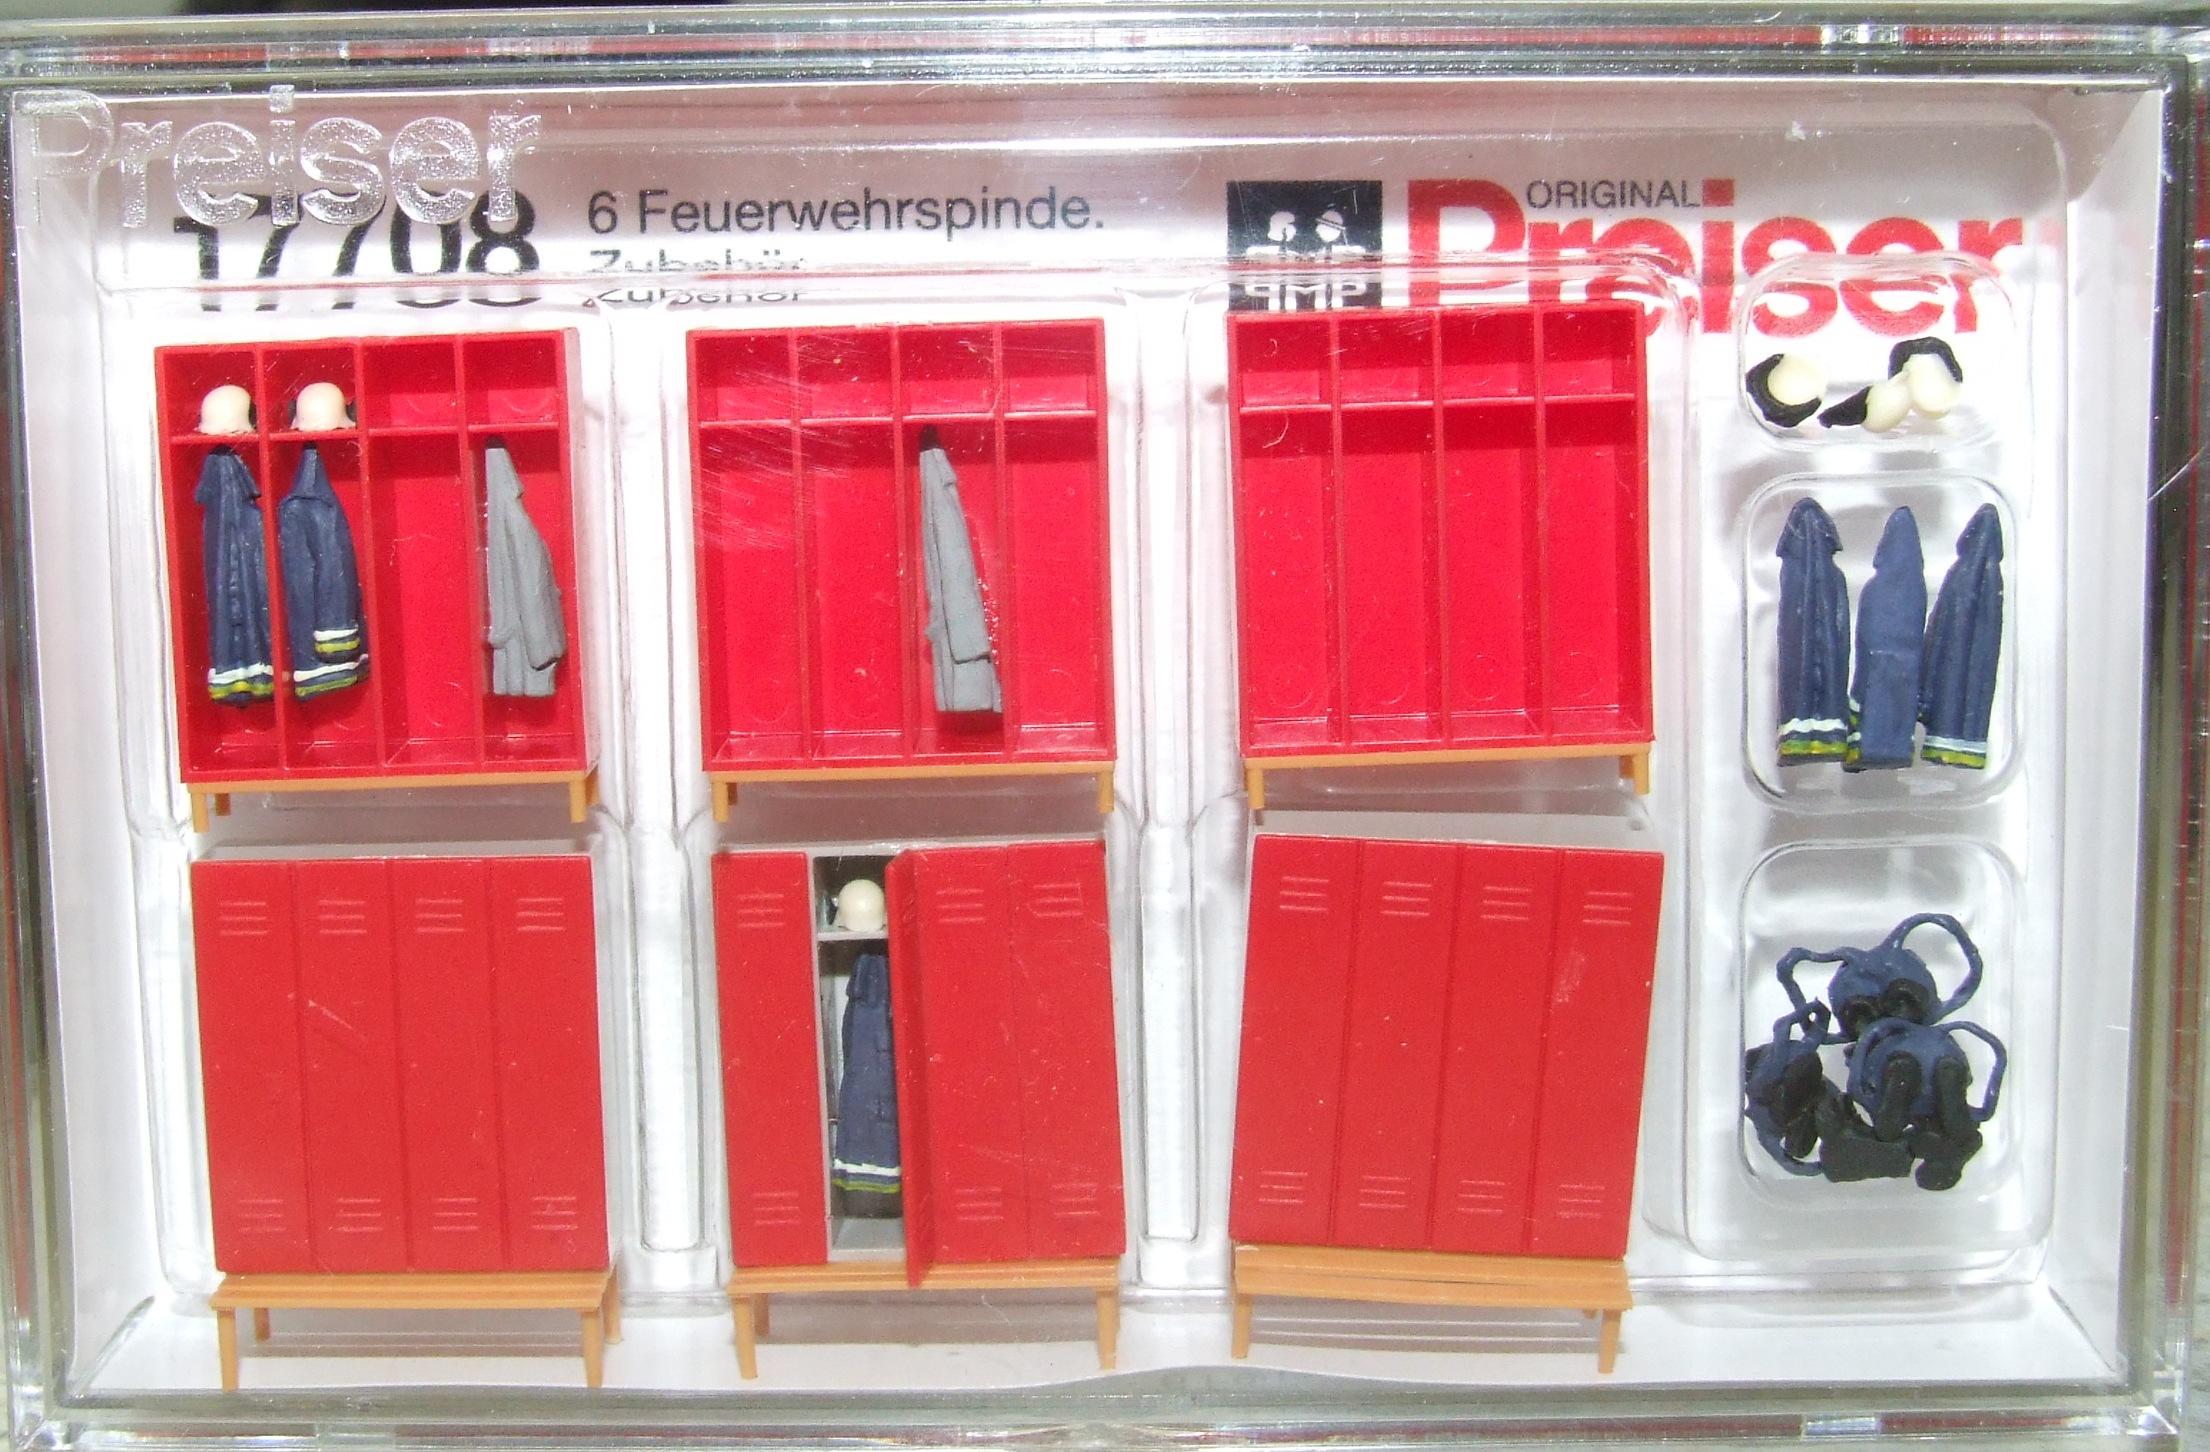 Preiser 17708 Feuerwehrspinde H0 1:87